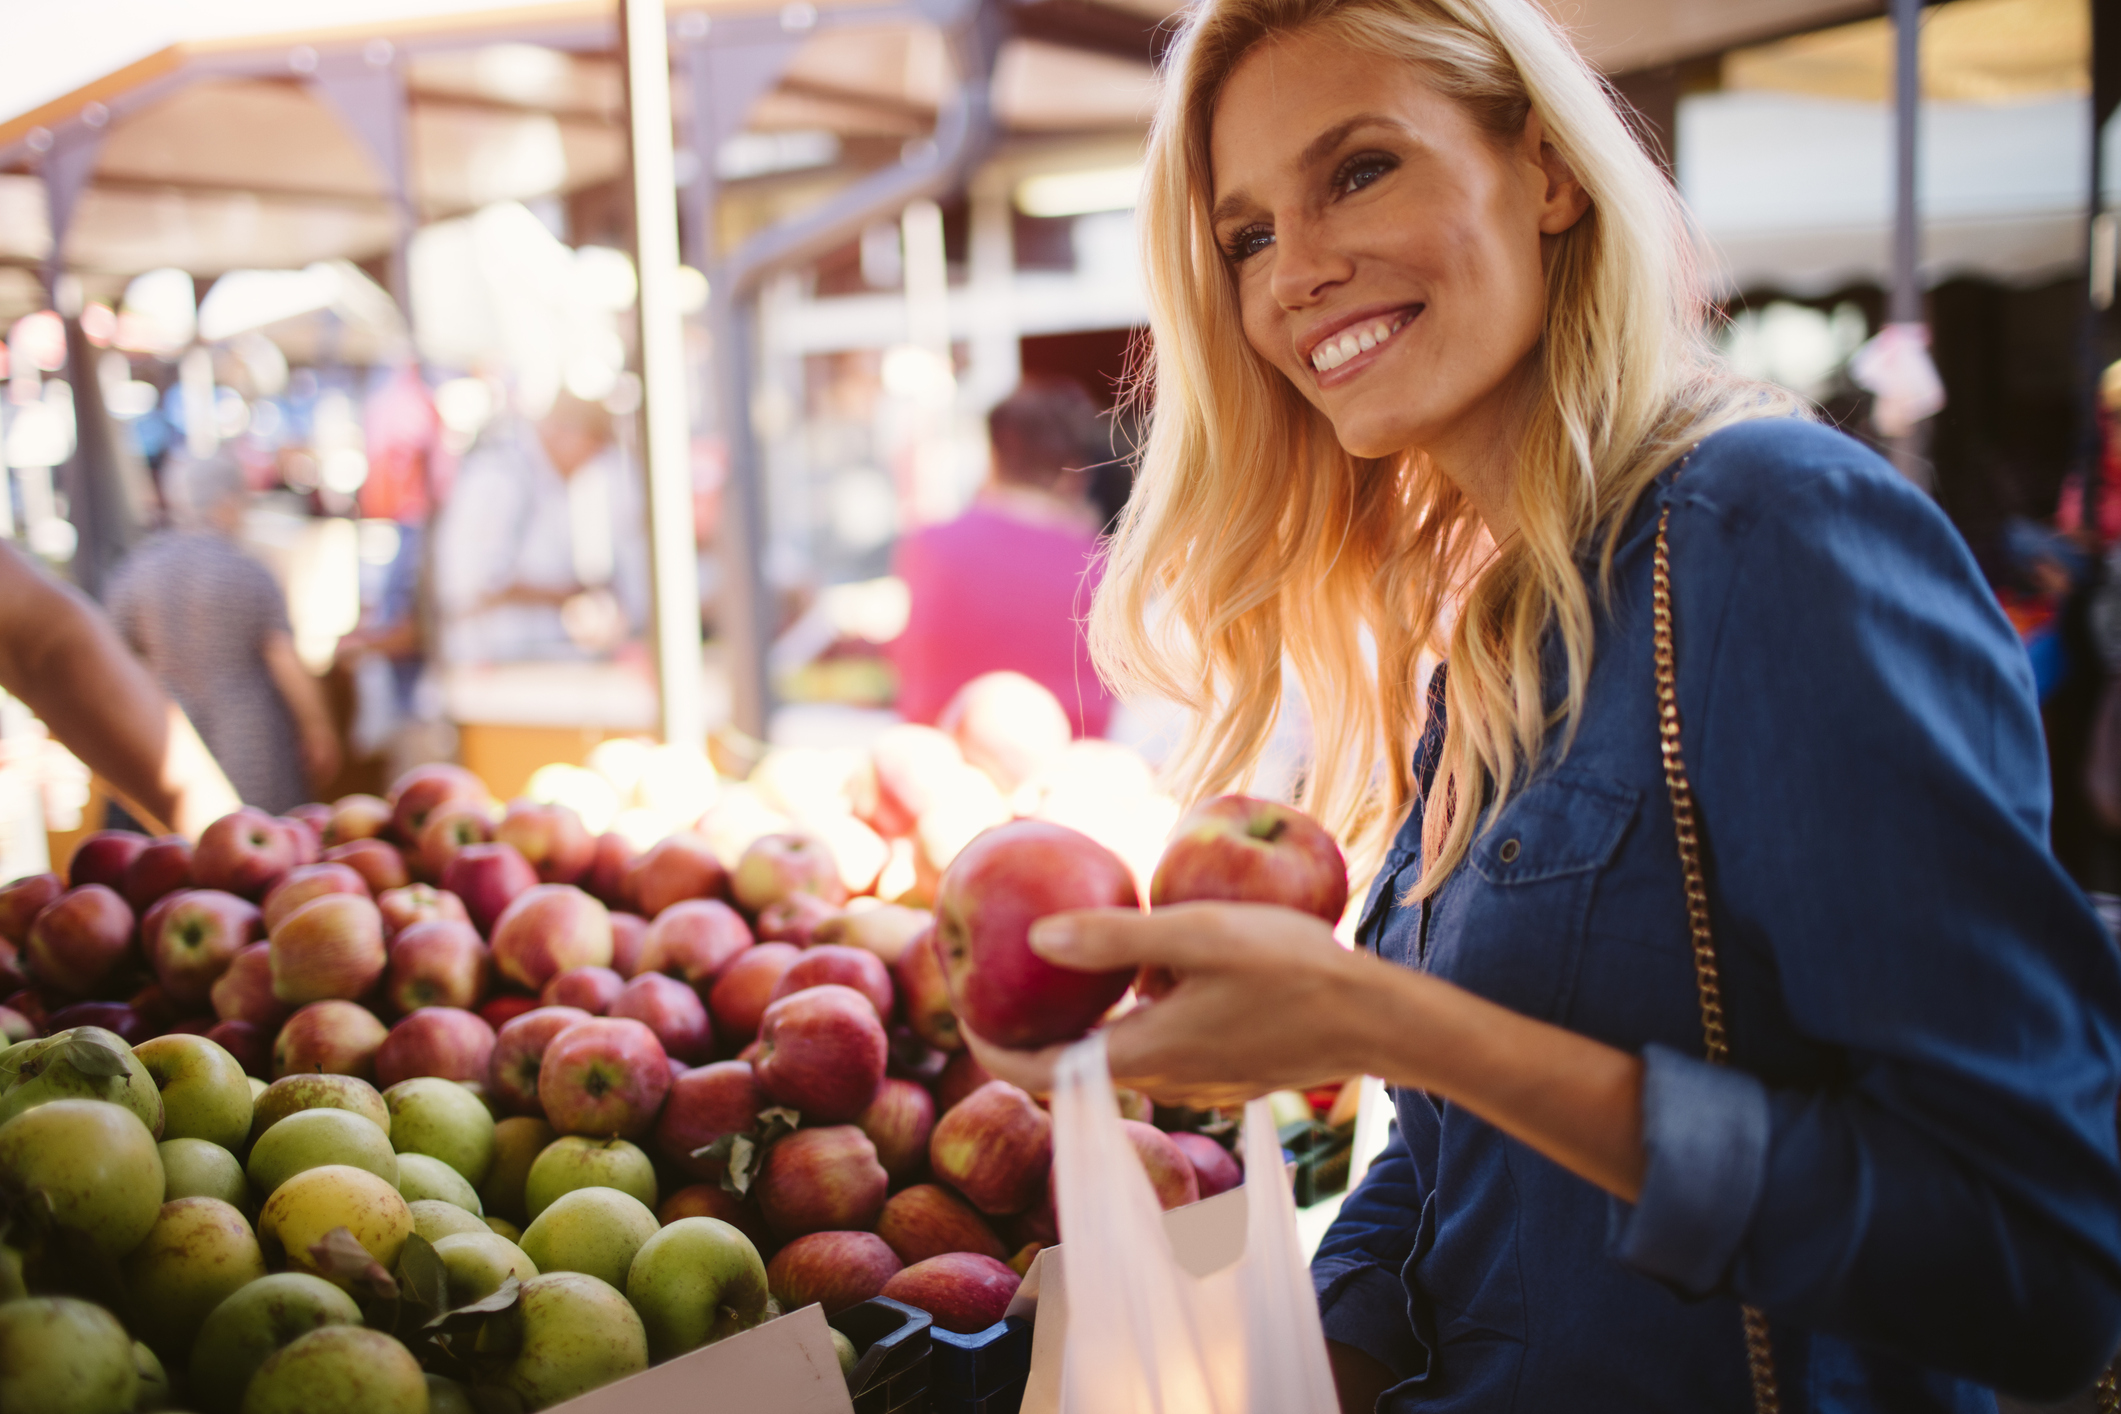 Fuji je zasigurno jedna od atraktivnijih modernih sorti jabuke i kod nas je popularna posljednjih godina.